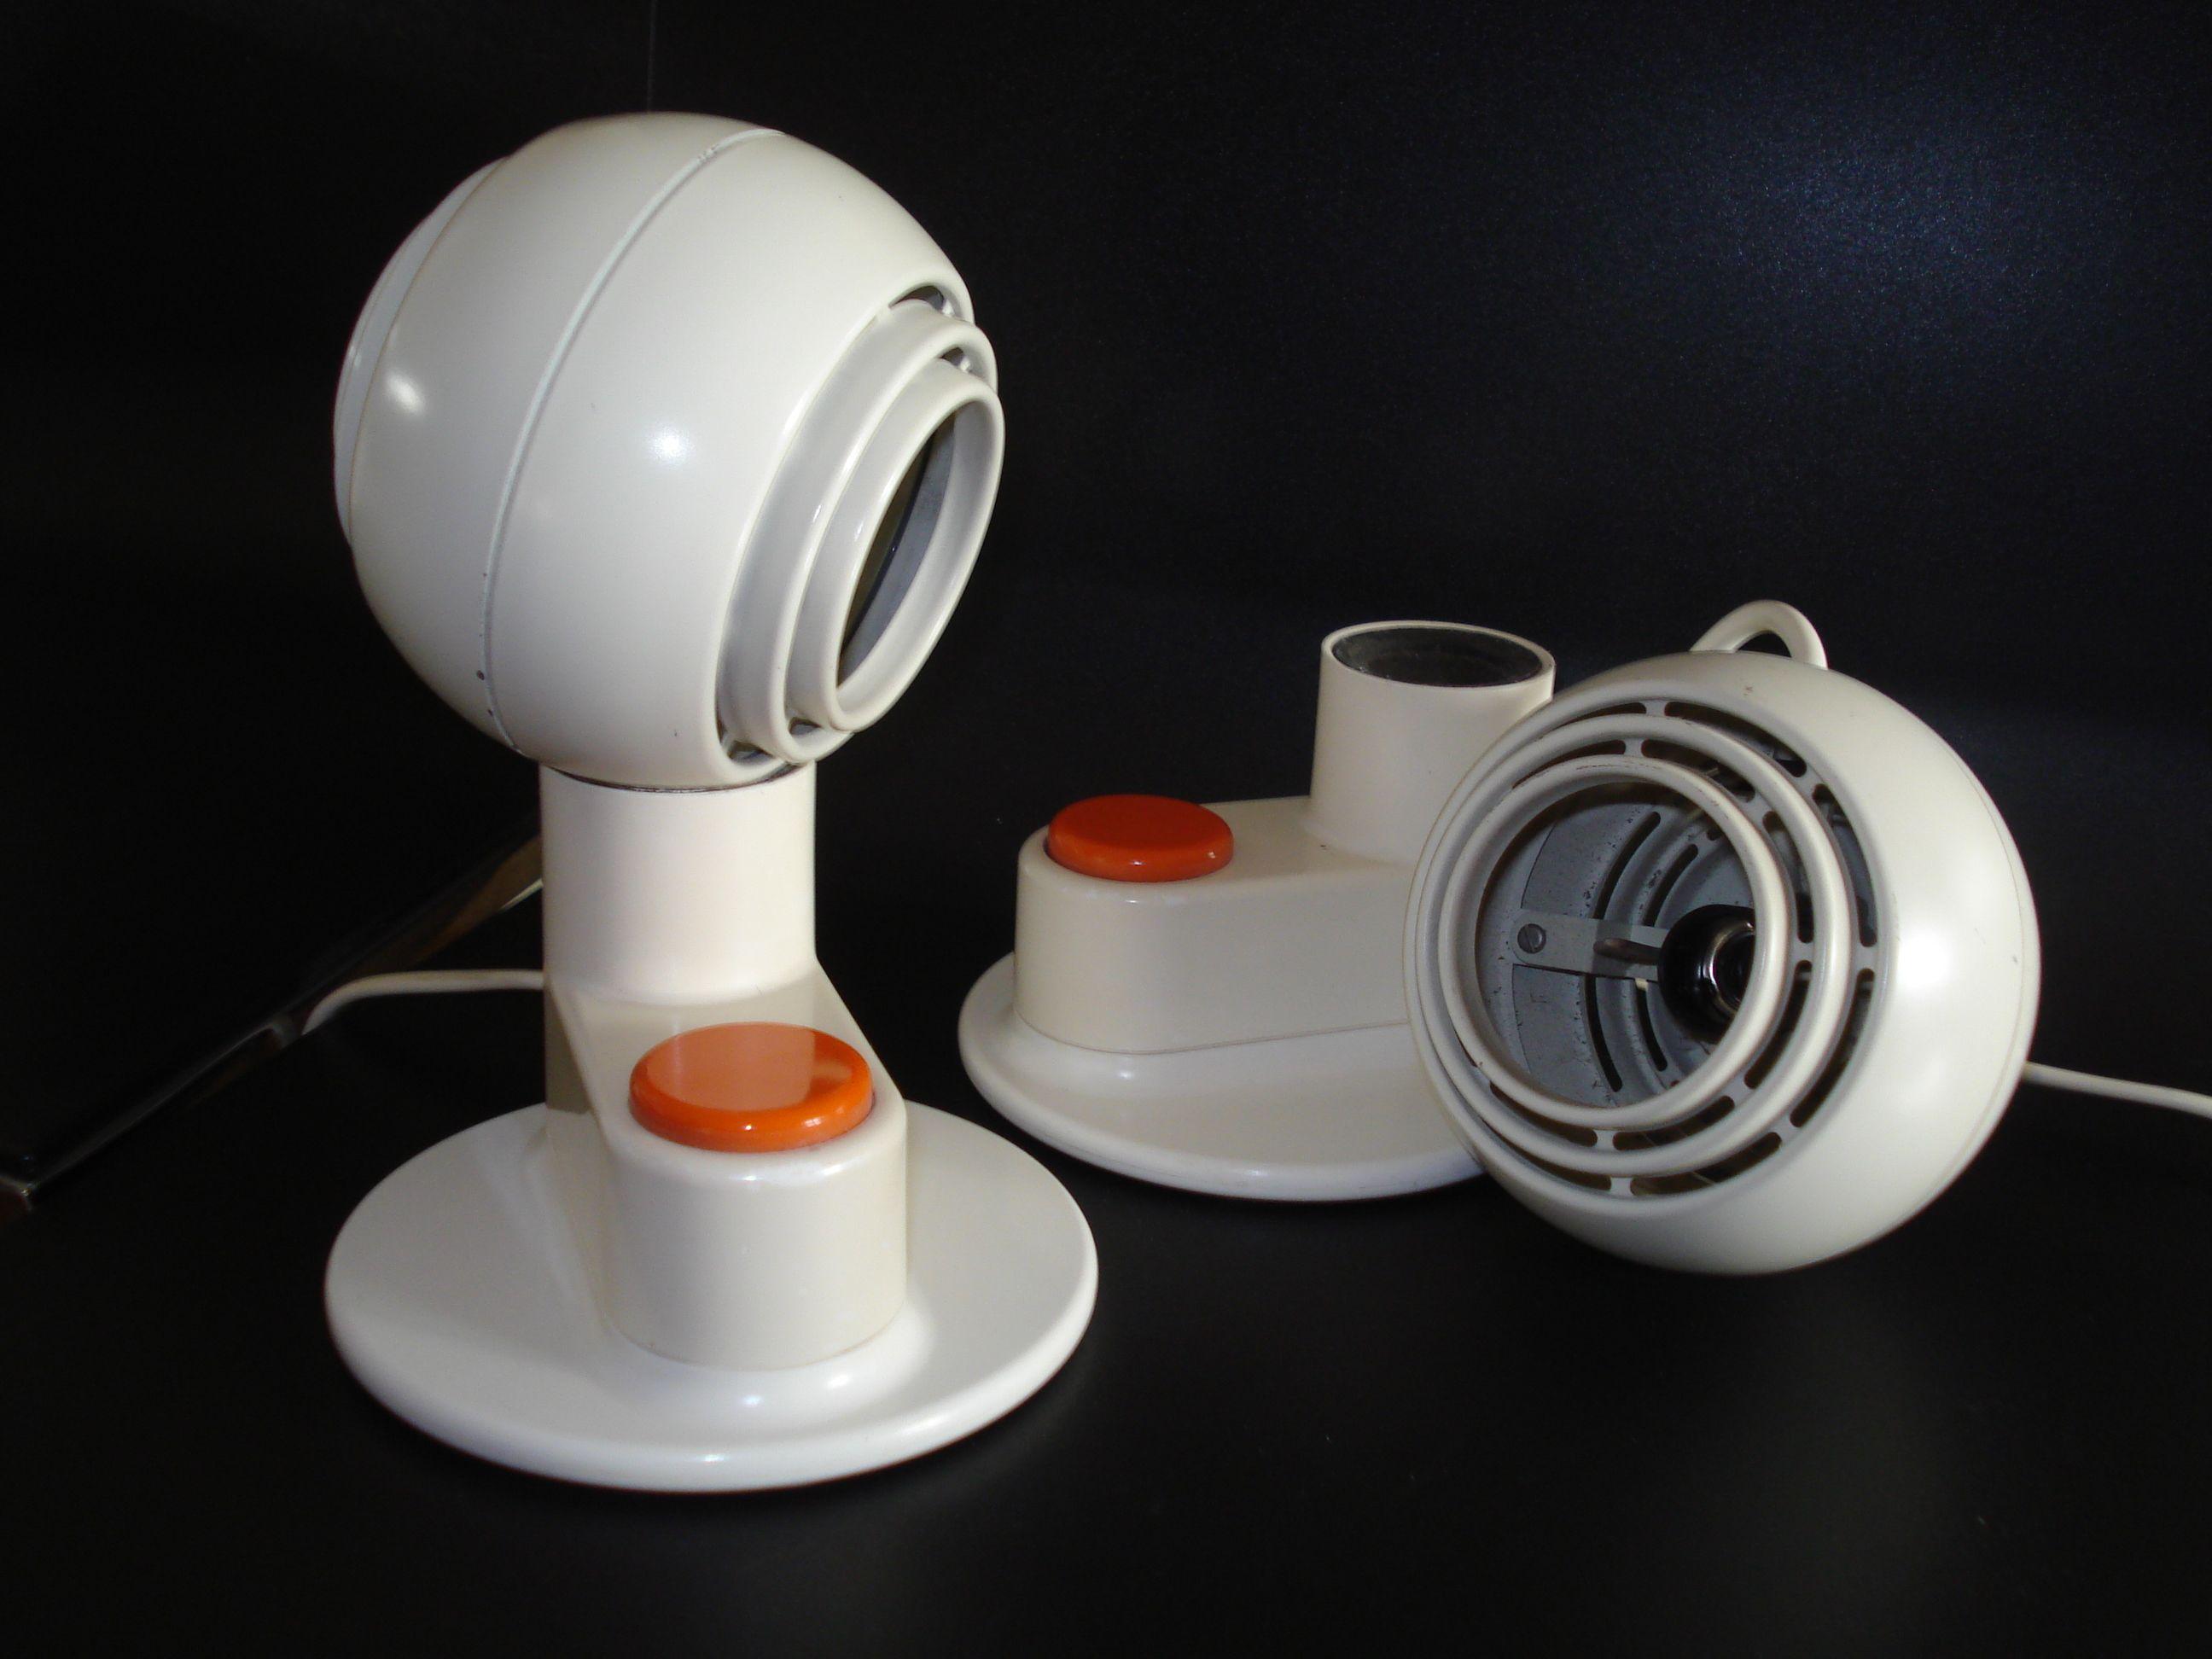 Lámpara fabricada por Osram en el año 1970,   creada por el conocido equipo   de diseño Schulte- Schlagheck.  made in Germany - Mundo Beat - Hernán Aiello - Beto Papo